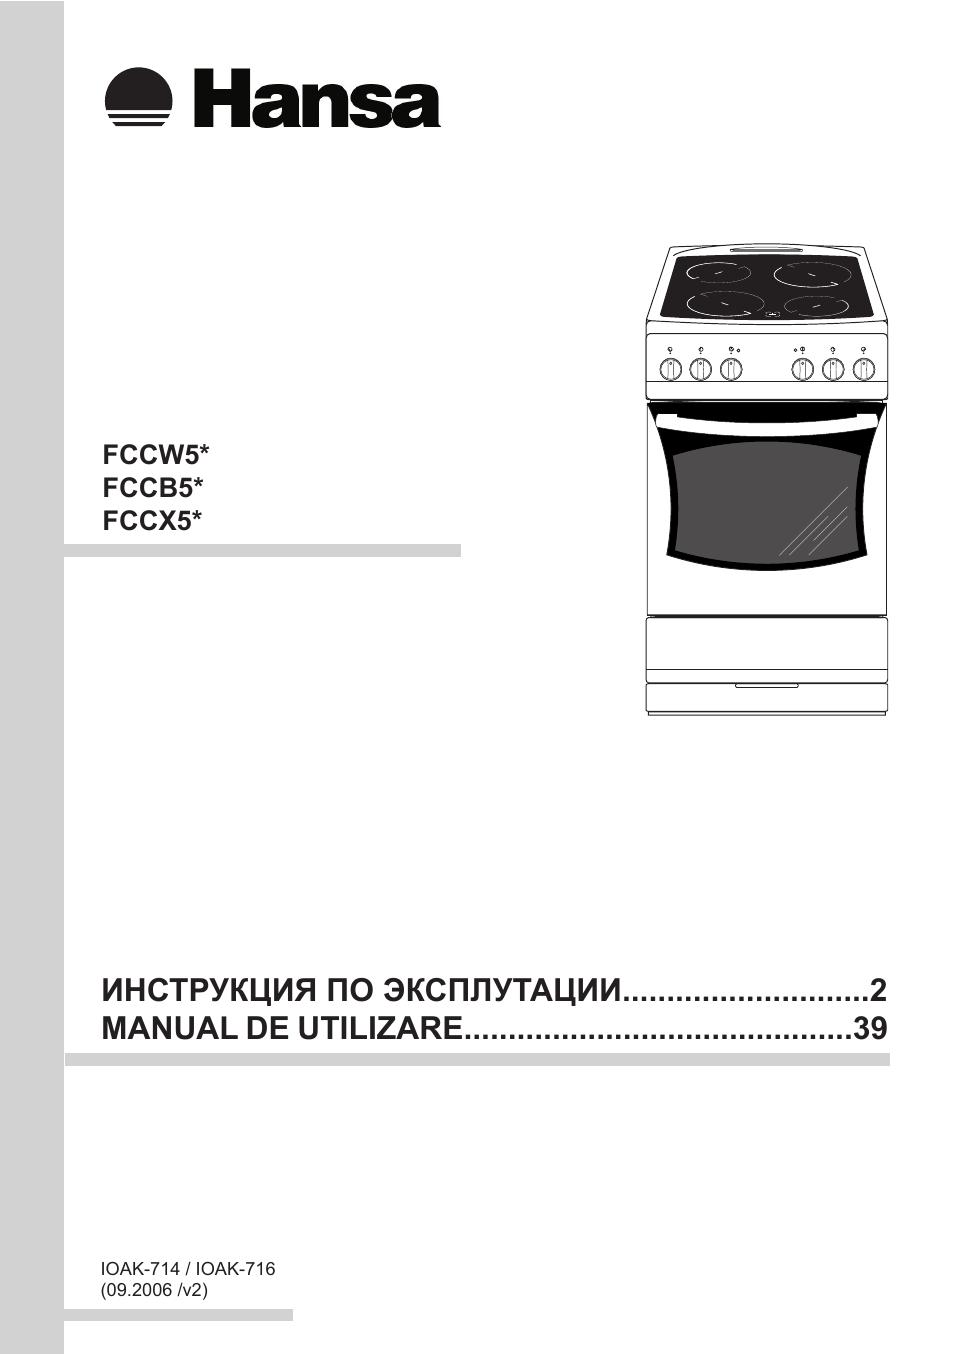 hansa fccx 5201 4010 инструкция